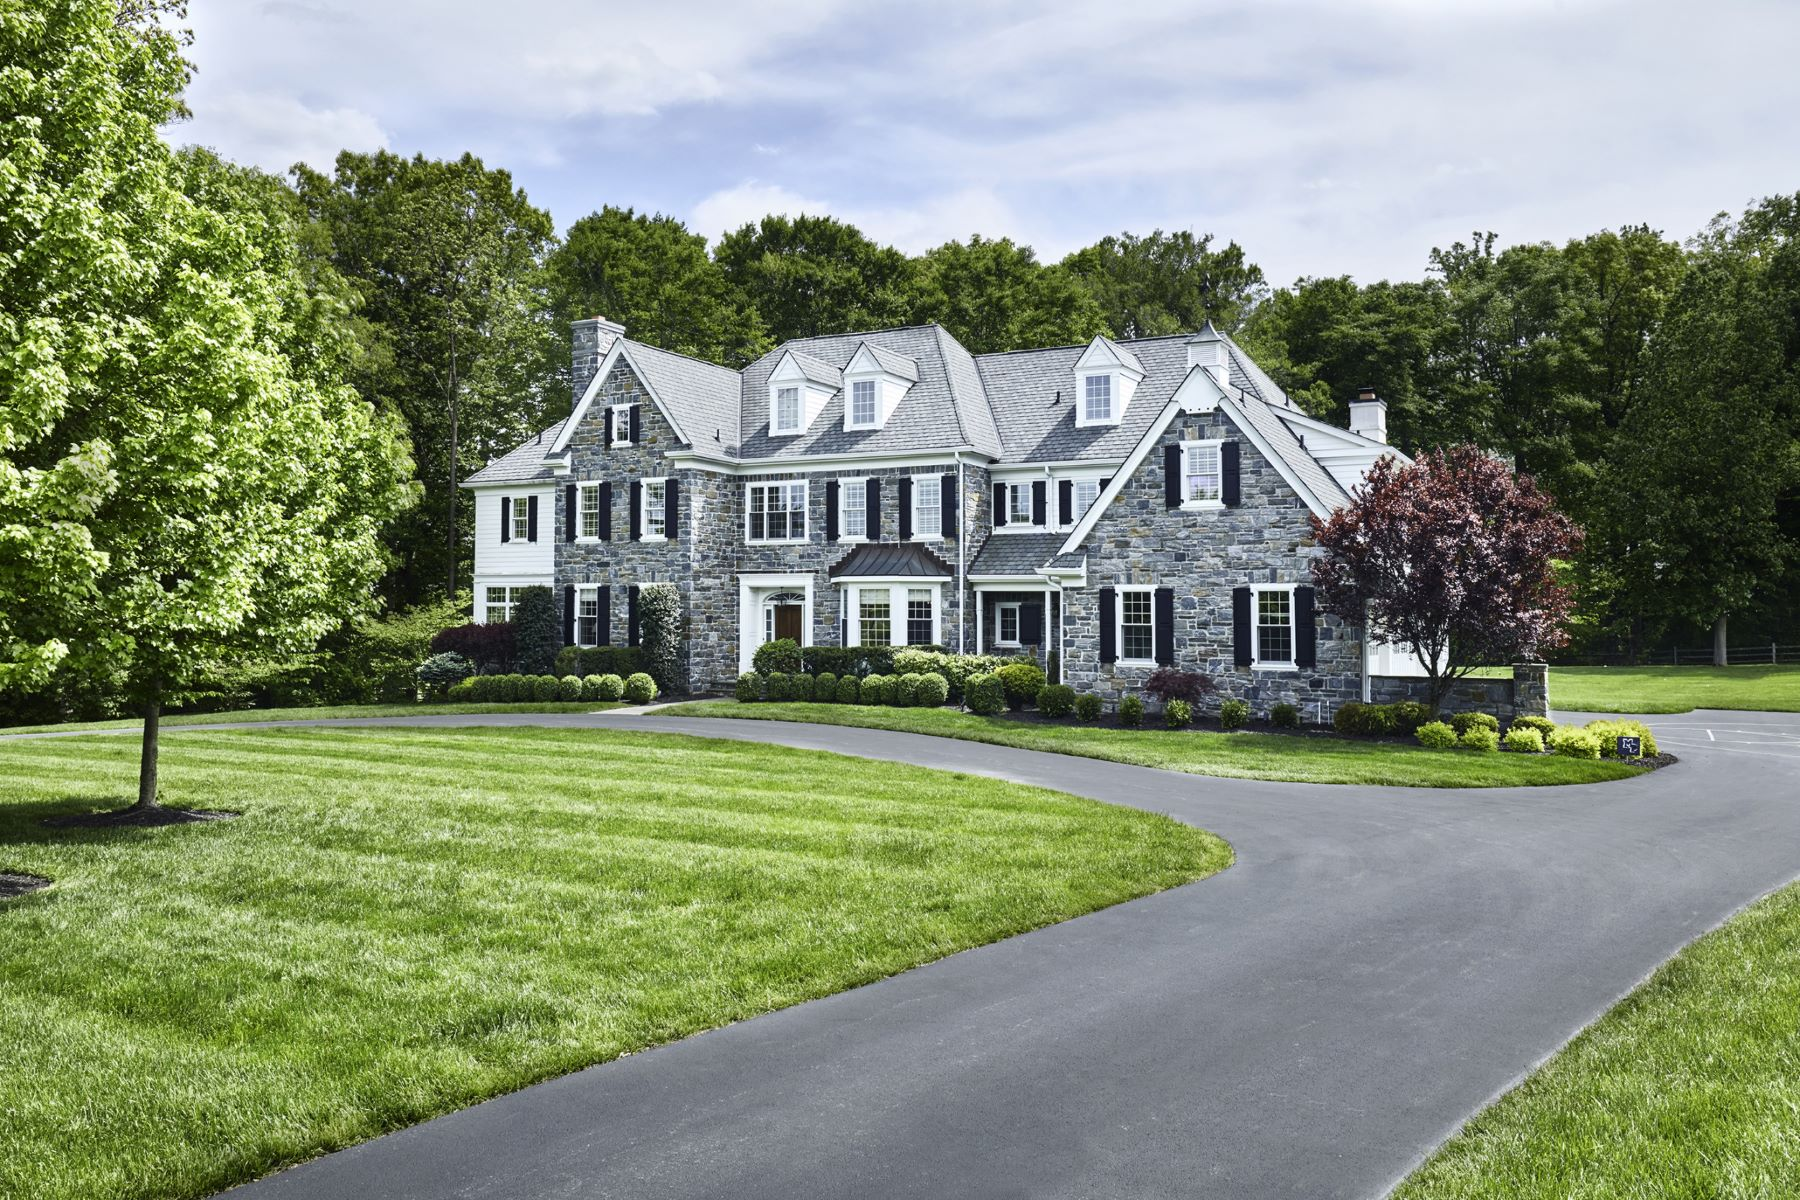 Частный односемейный дом для того Продажа на Michael Visich Custom Manor Home 4 WITHERS LN Newtown Square, Пенсильвания, 19073 Соединенные Штаты